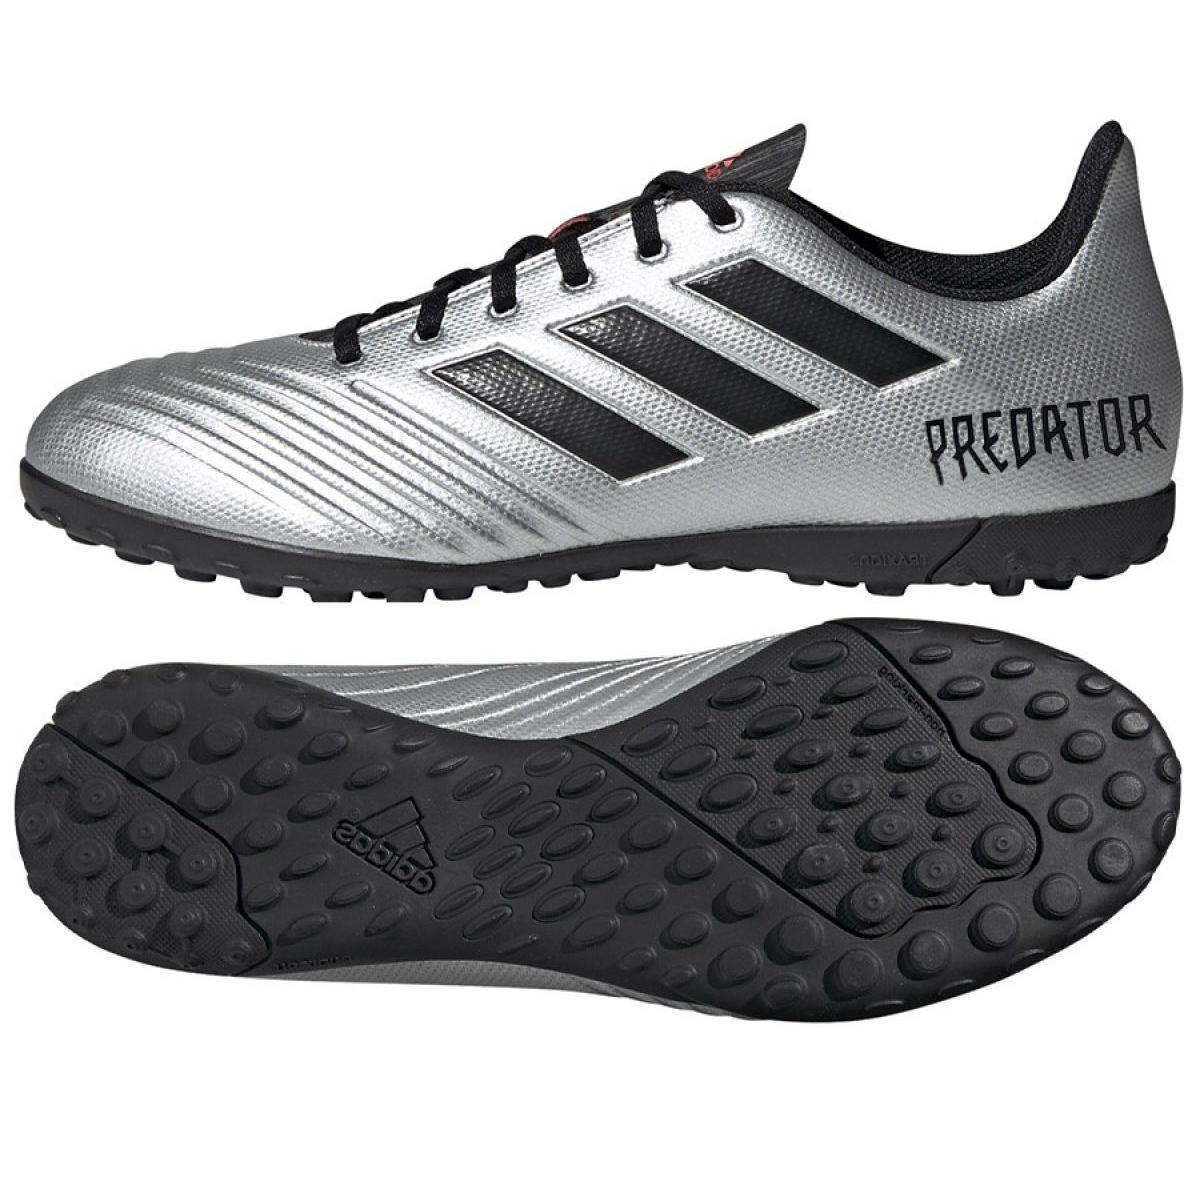 Dettagli su Scarpe da calcio adidas Predator 19.4 Tf M F35634 argento nero, grigio argento